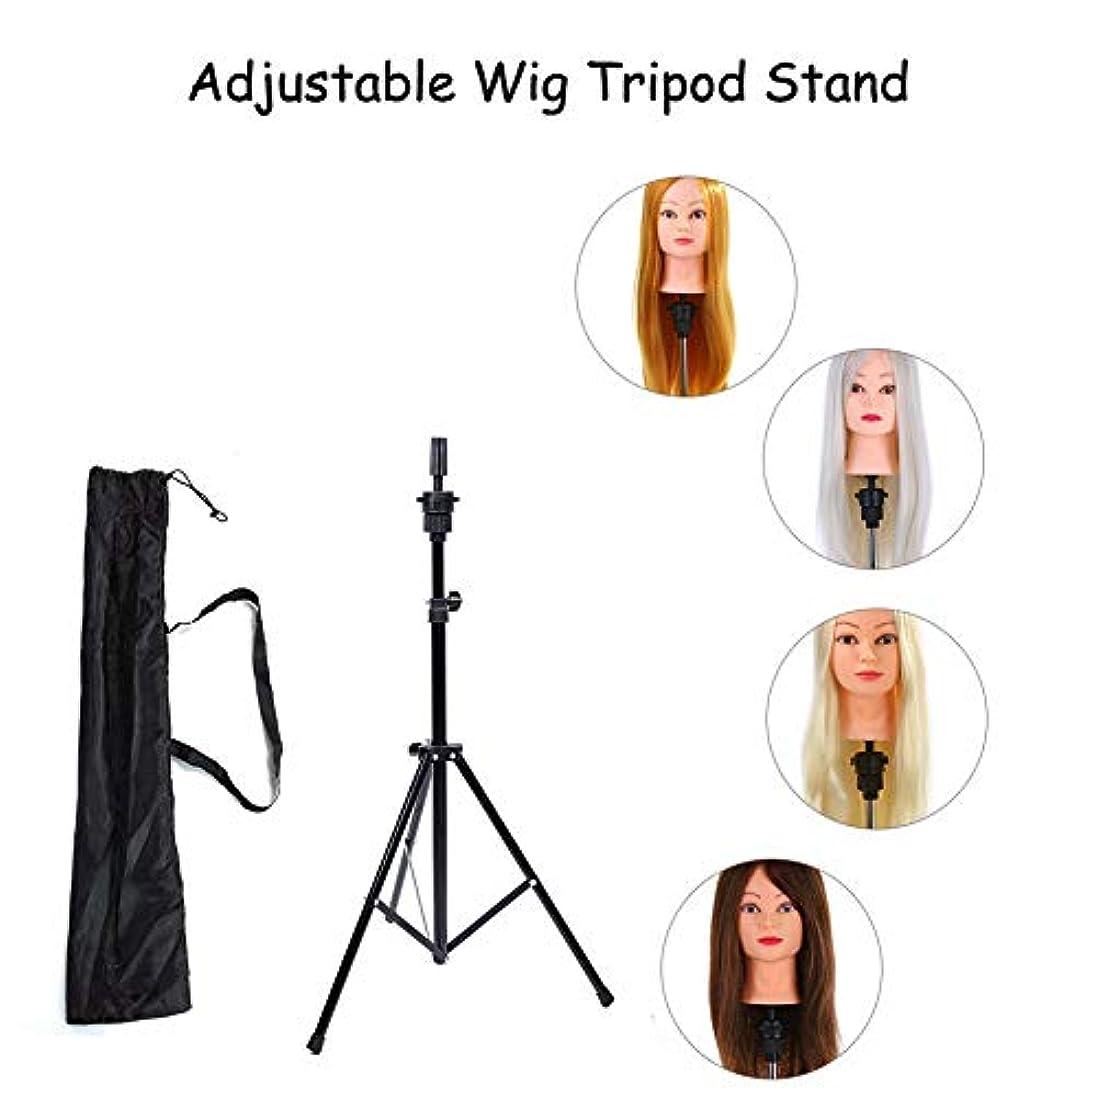 弁護人一貫性のない彼らのマネキンウィッグヘッド三脚スタンド調節可能な美容トレーニング人形ヘッドホルダー用理髪かつらスタンド付きキャリーバッグ